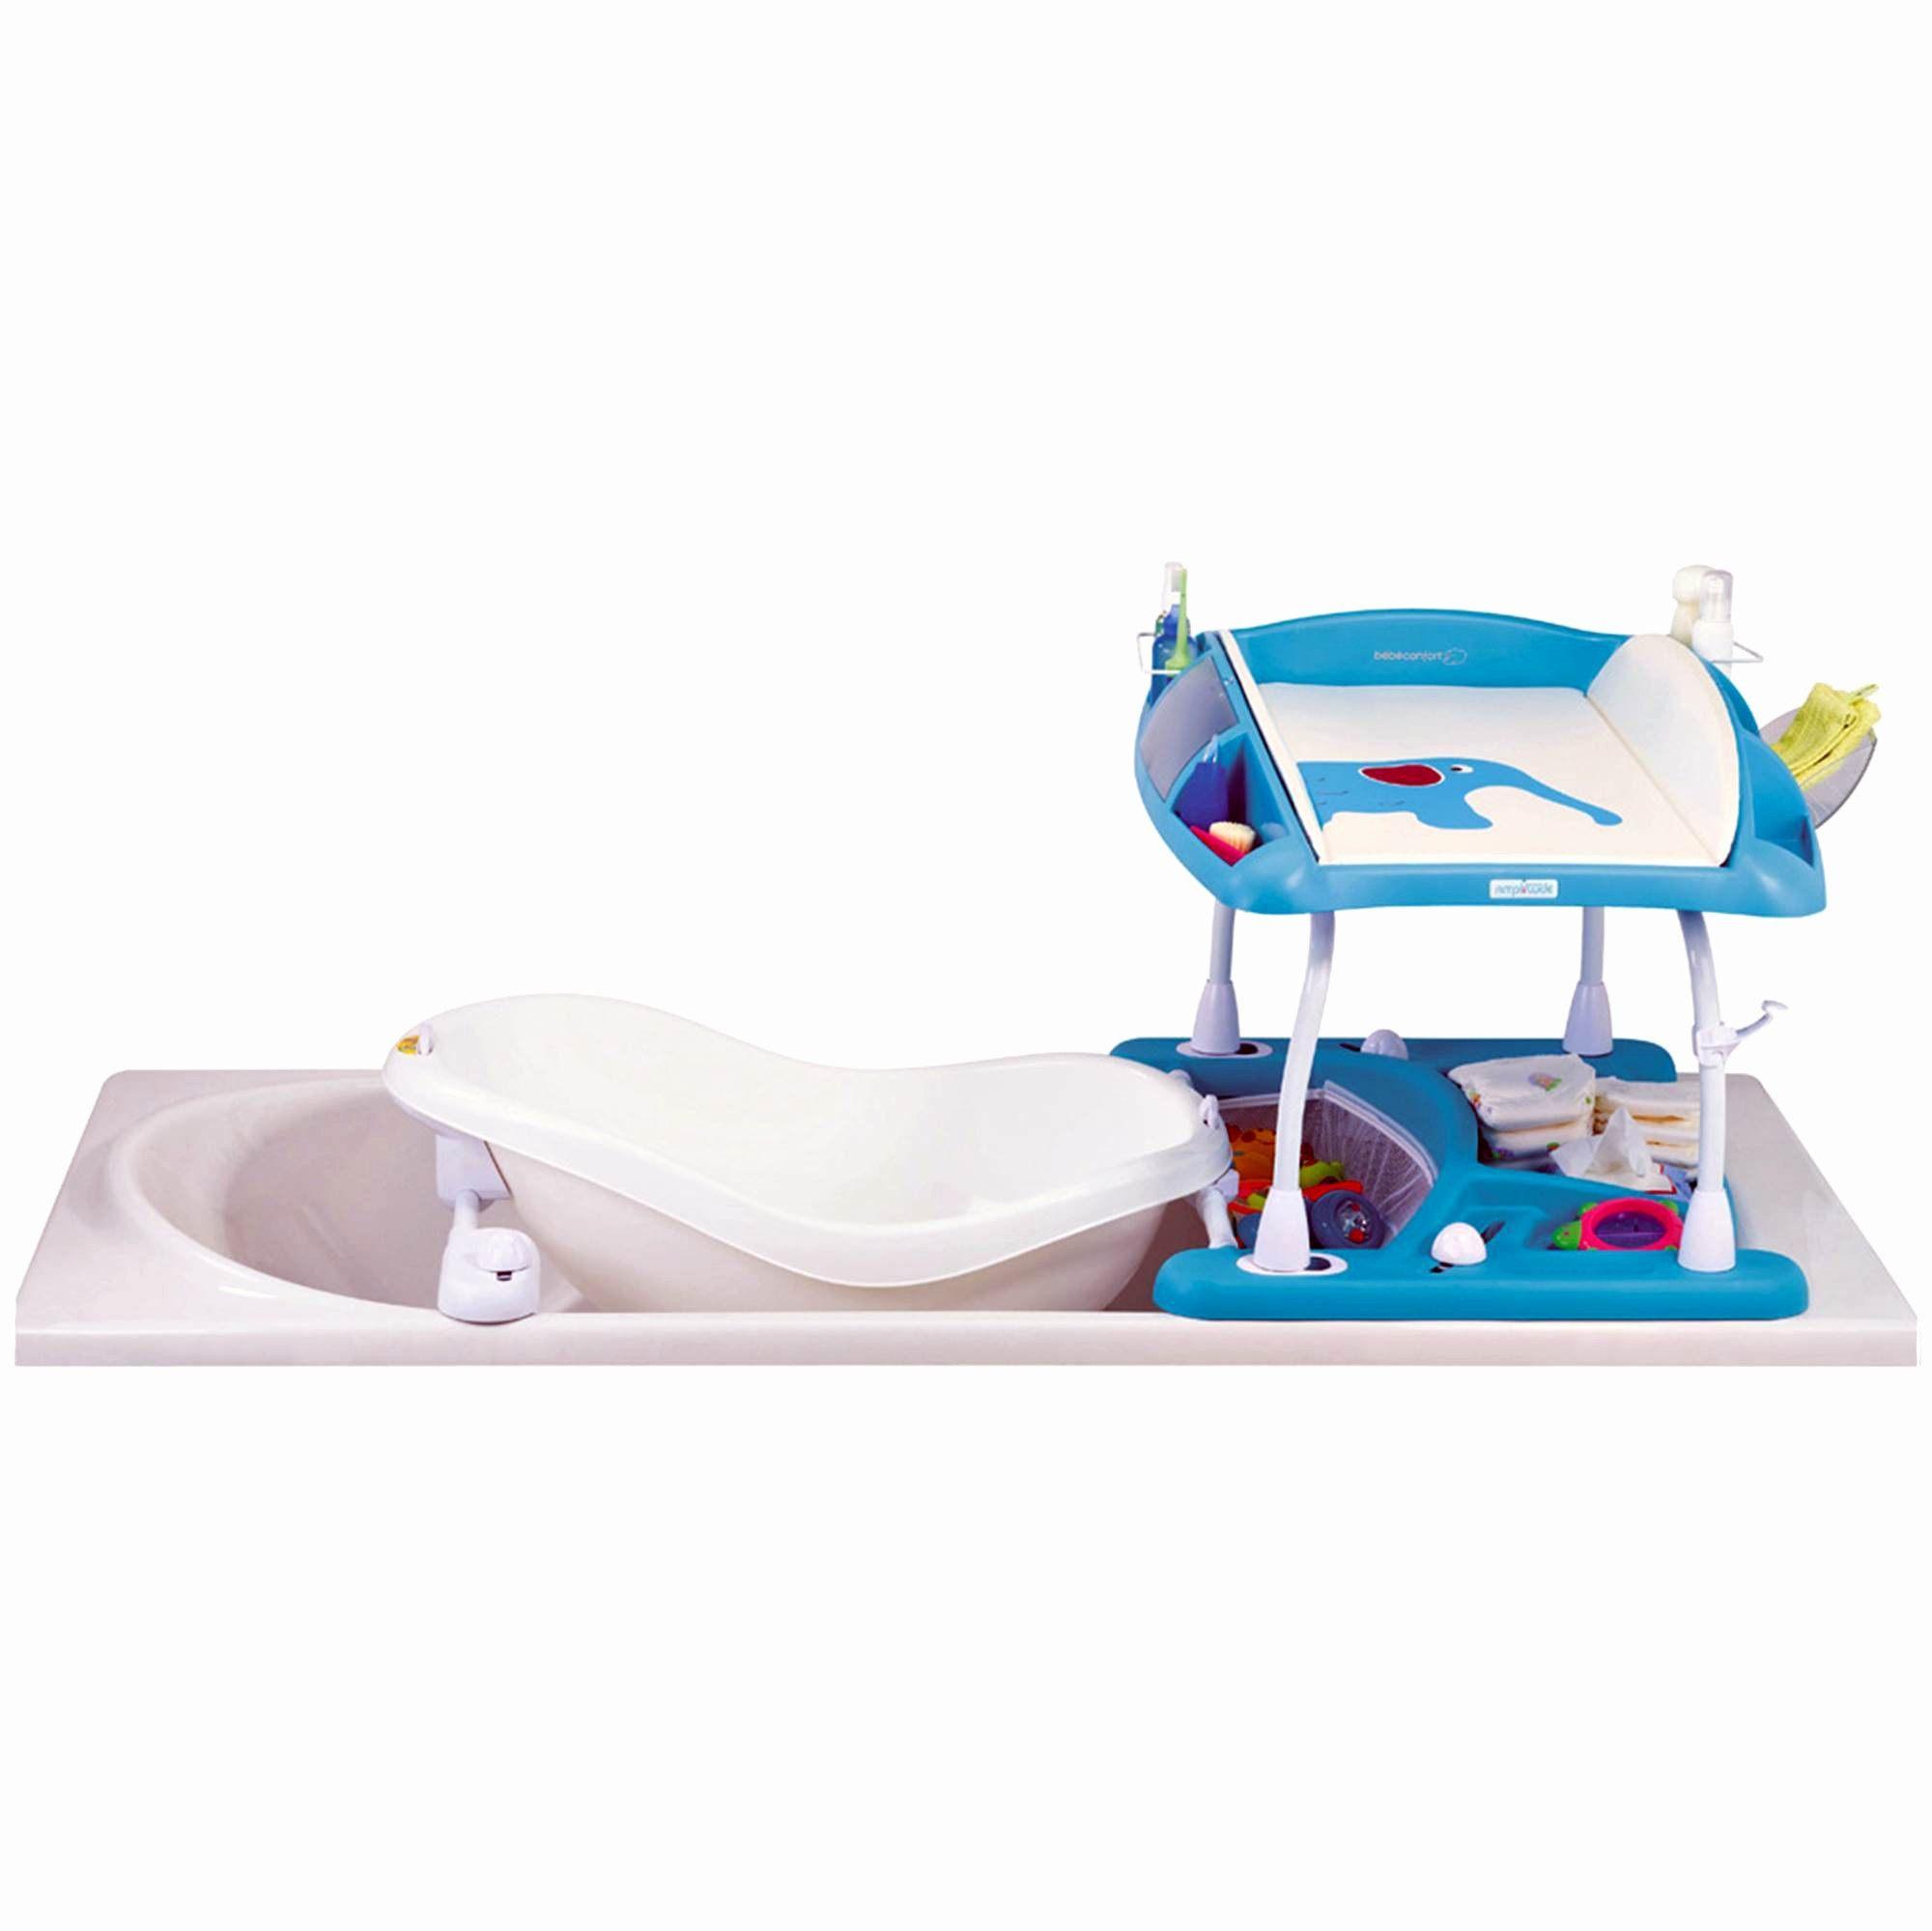 54 Luxe Collection De Baignoire Bébé Confort Sur Pied